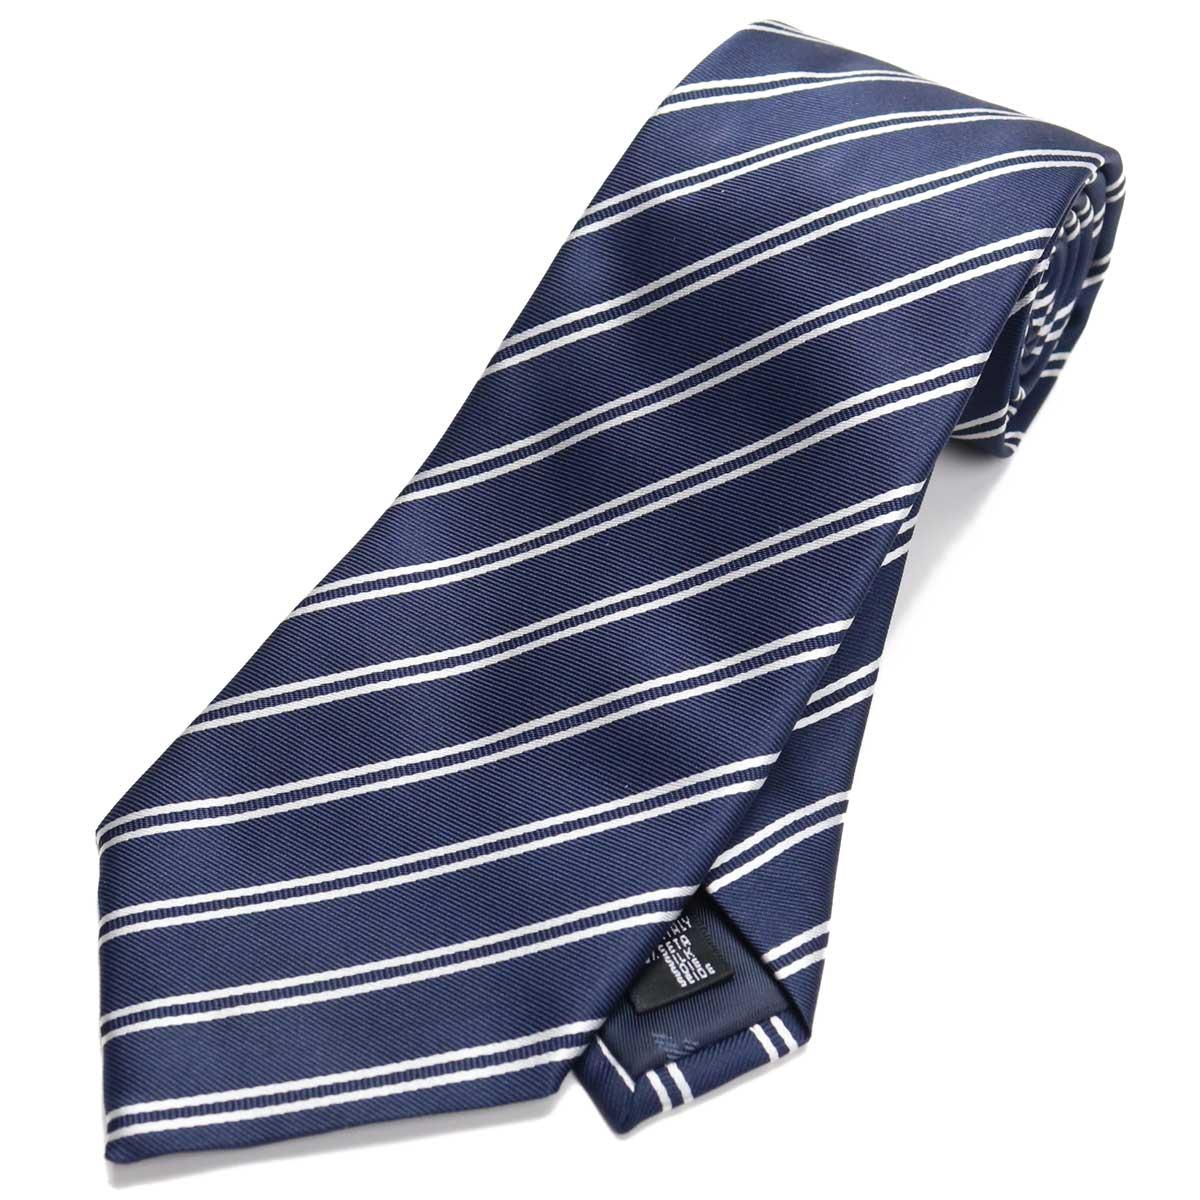 エンポリオ アルマーニ EMPORIO ARMANI ストライプ柄 ネクタイ レギュラータイ 340182 0P307 01836 DARK BLUE ネイビー系、ホワイト系 【メンズ】